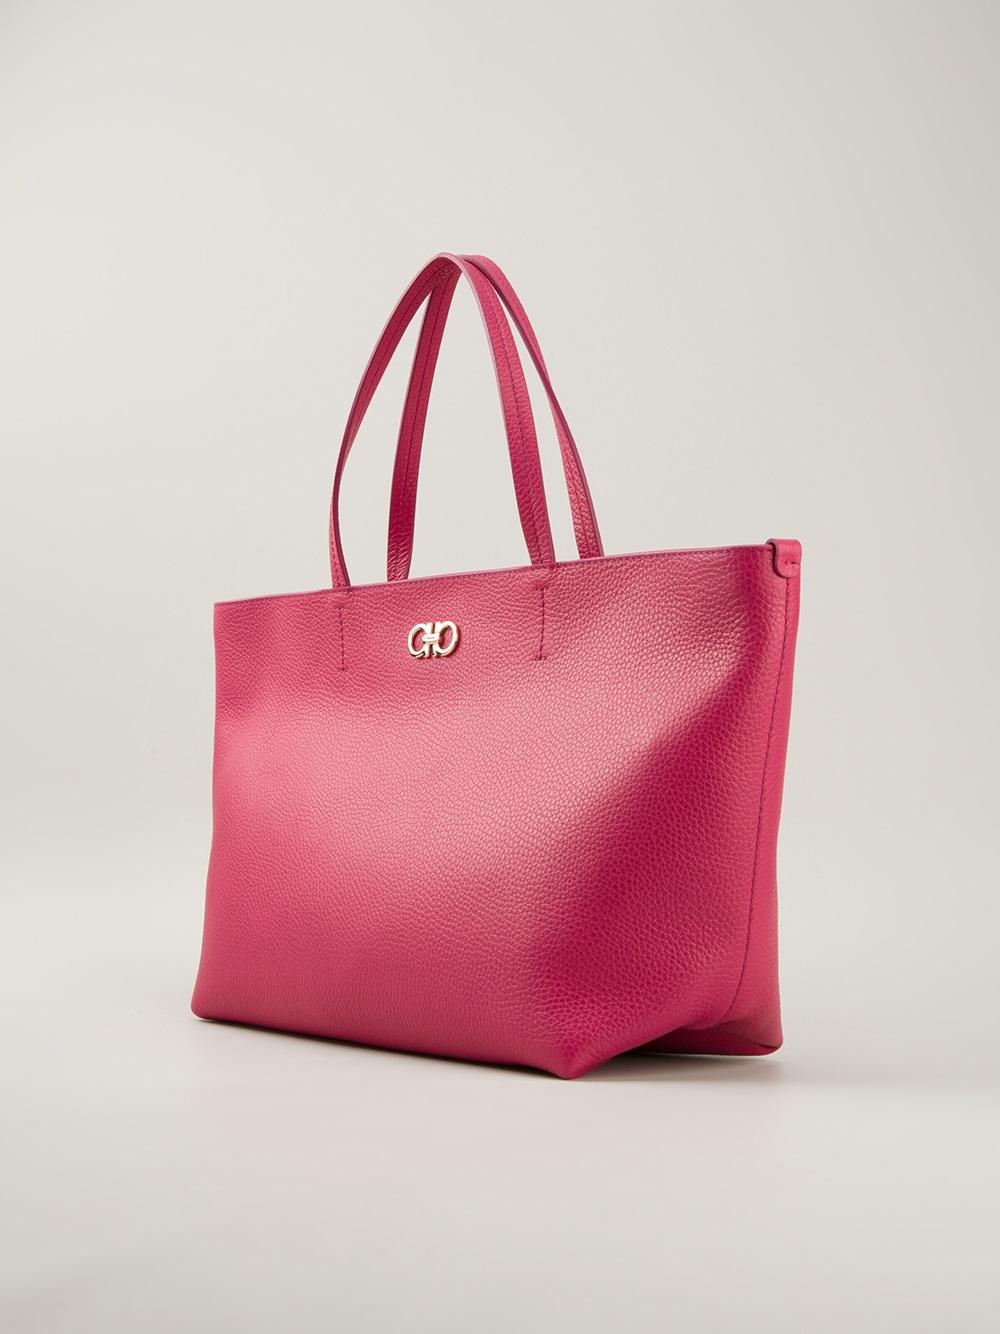 cc4dd97b2e Lyst - Ferragamo Classic Shopper Tote in Pink